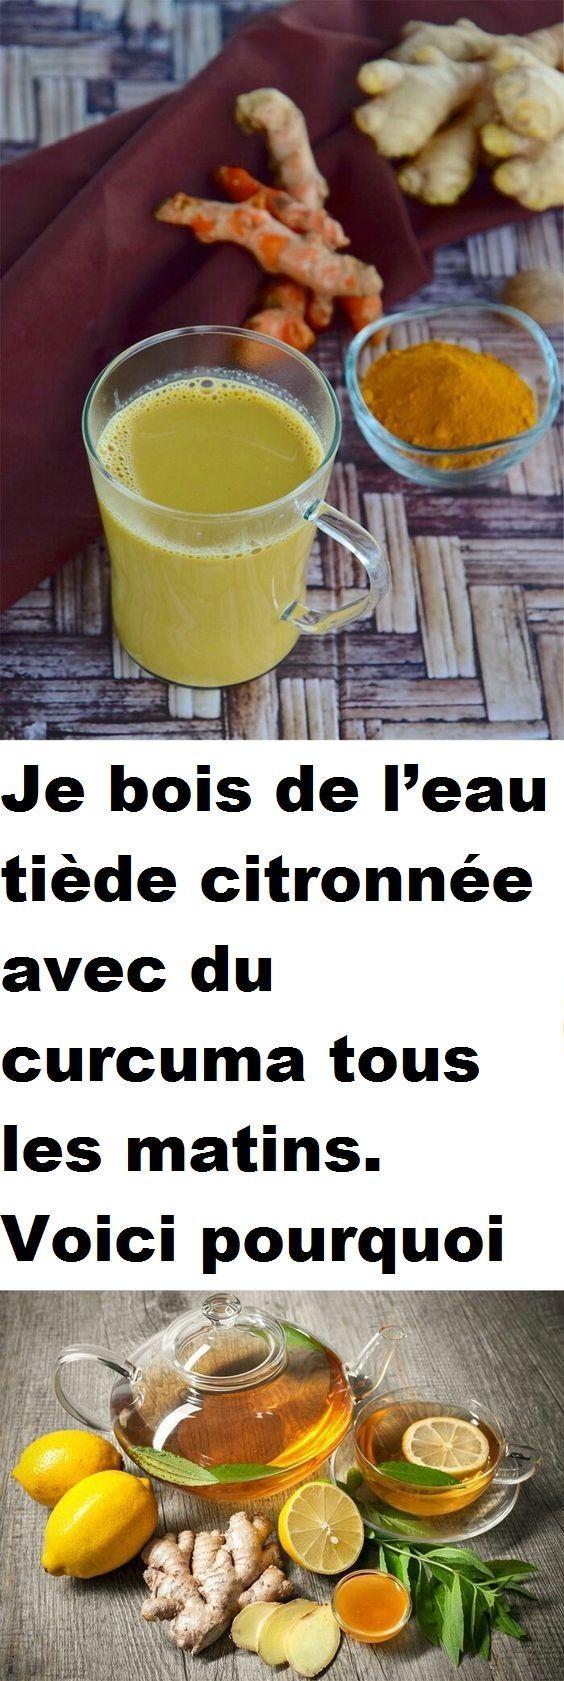 Je bois de l'eau tiède citronnée avec du curcuma tous les